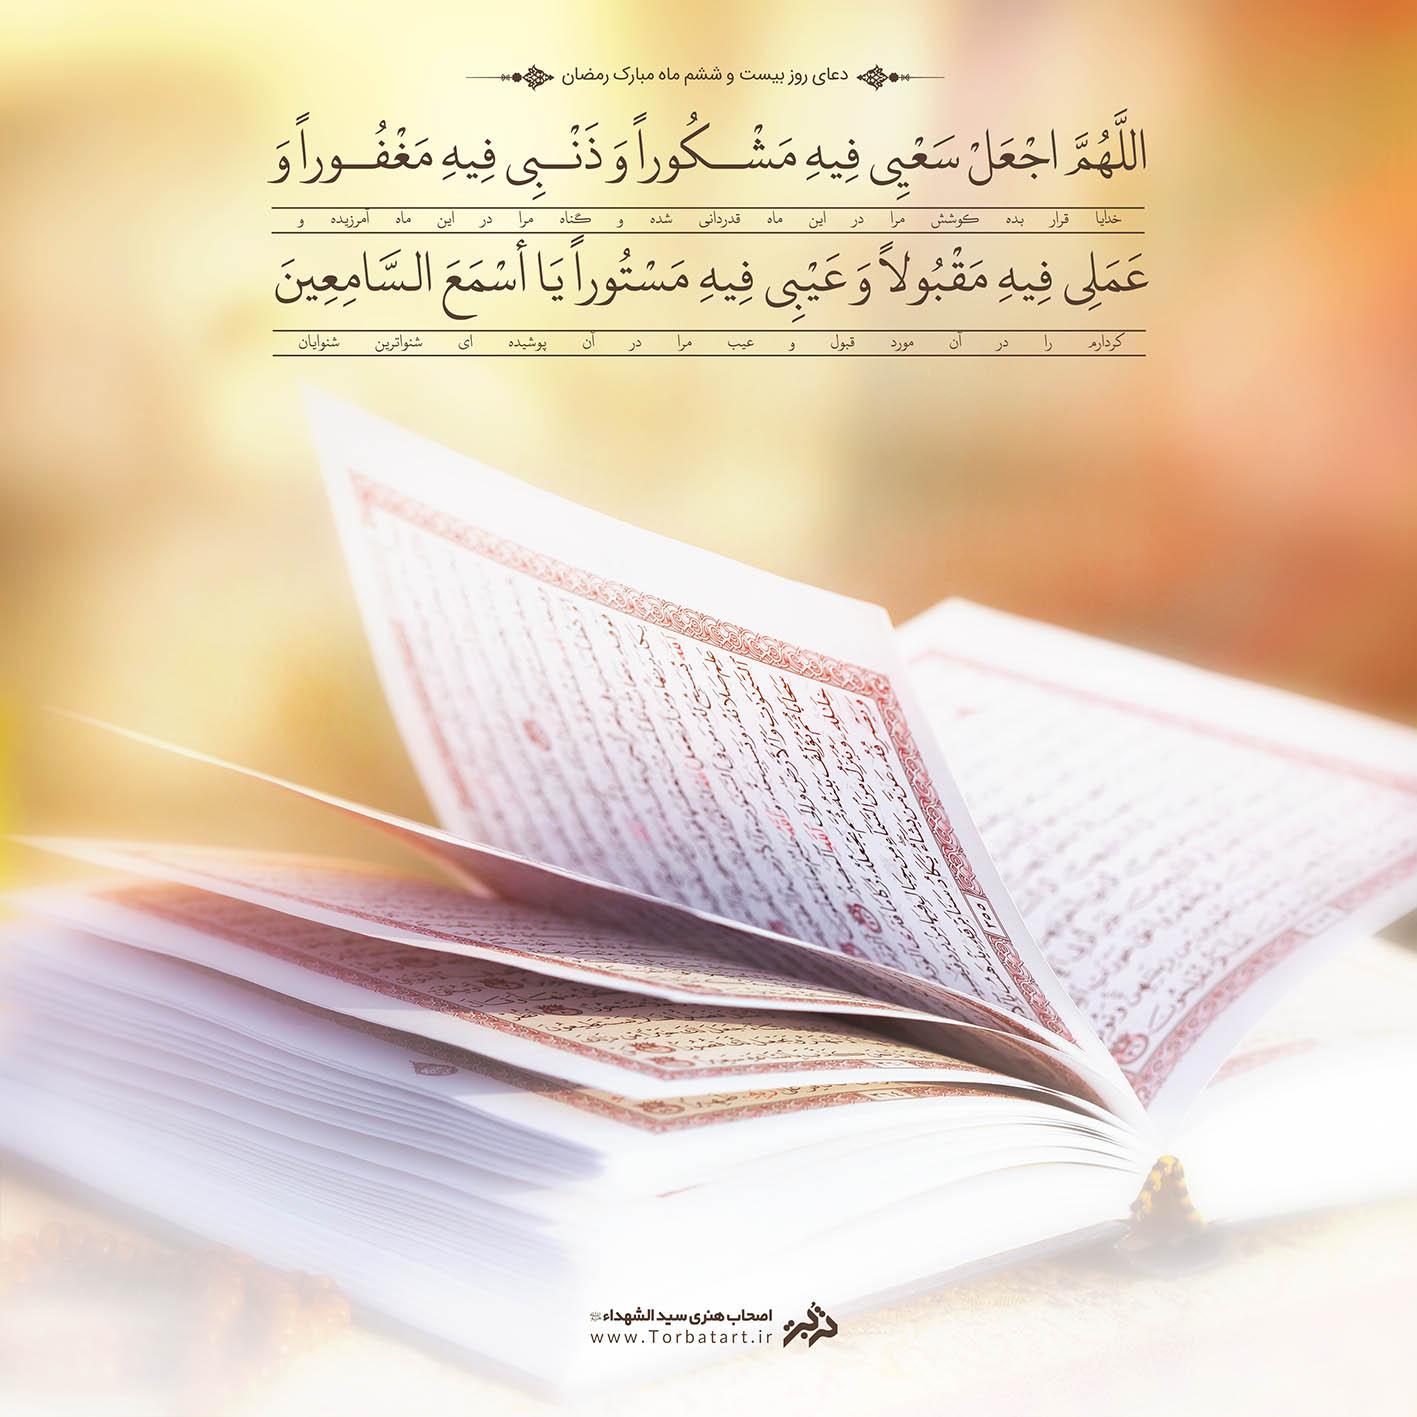 دعای روز بیستم و ششم ماه مبارک رمضان